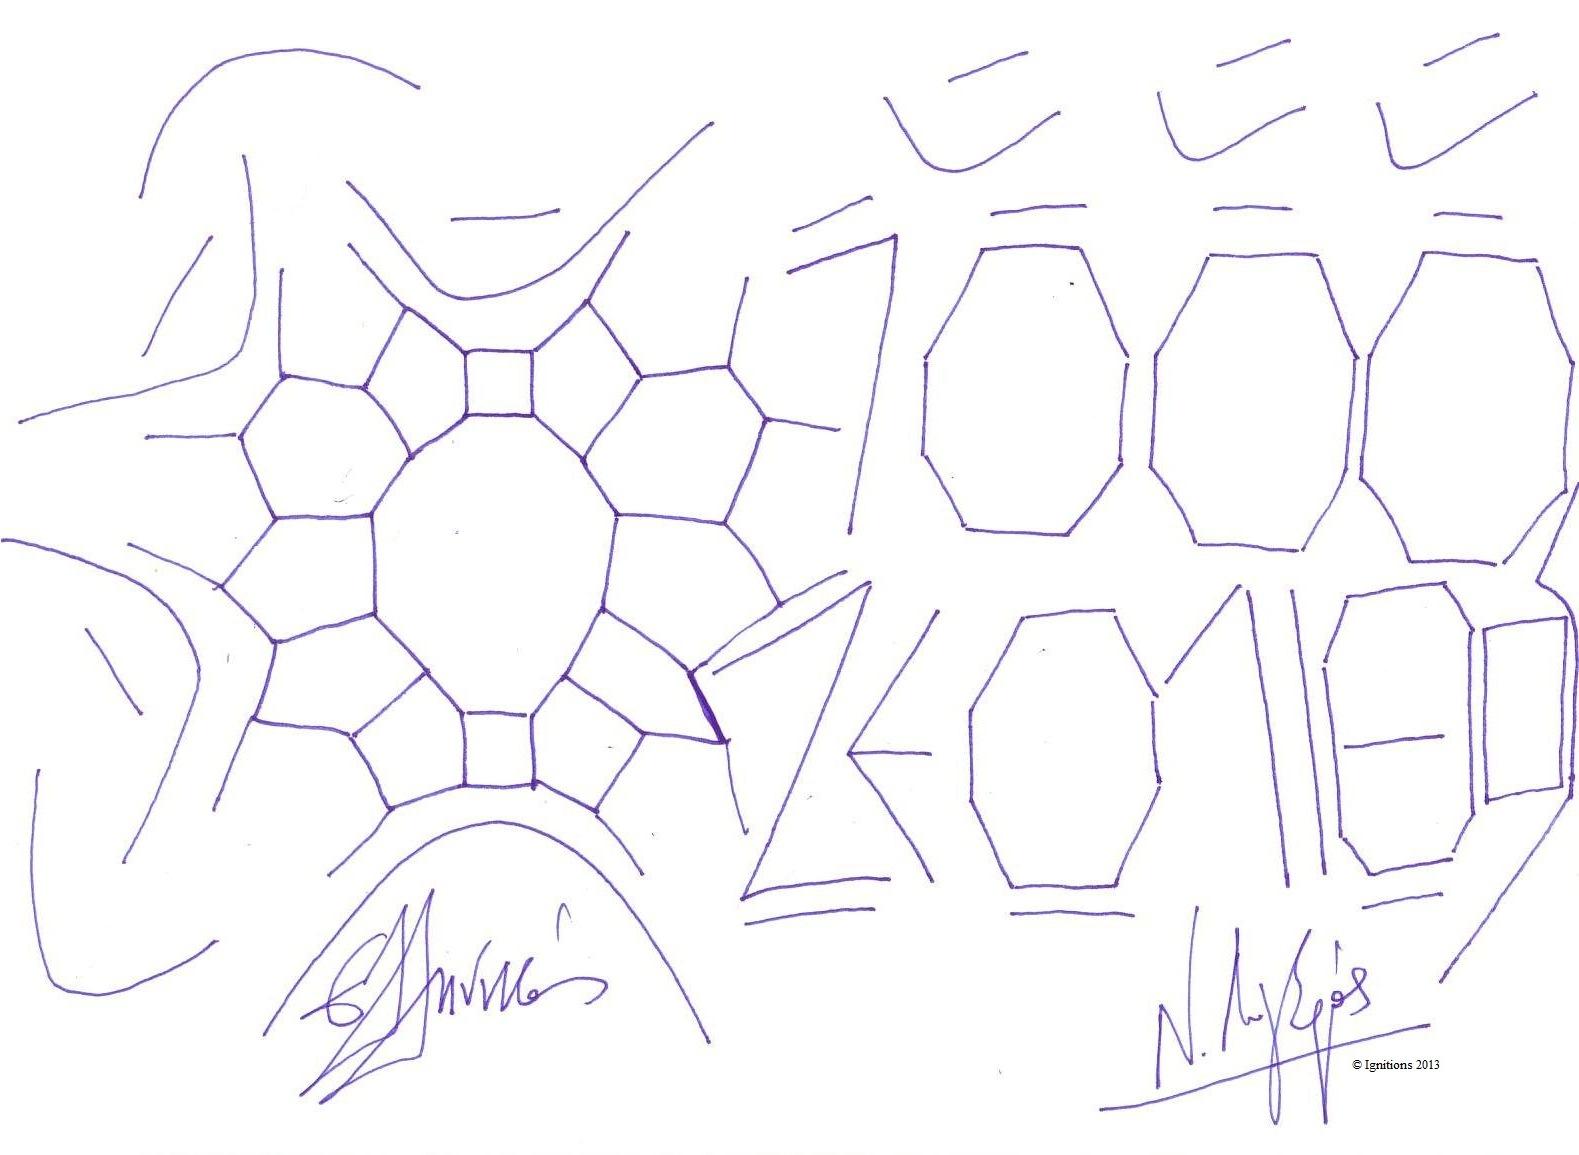 7000 υπογραφές για τον Ζεόλιθο (Dessin sur papier grain moyen, 21x14.8, A5).